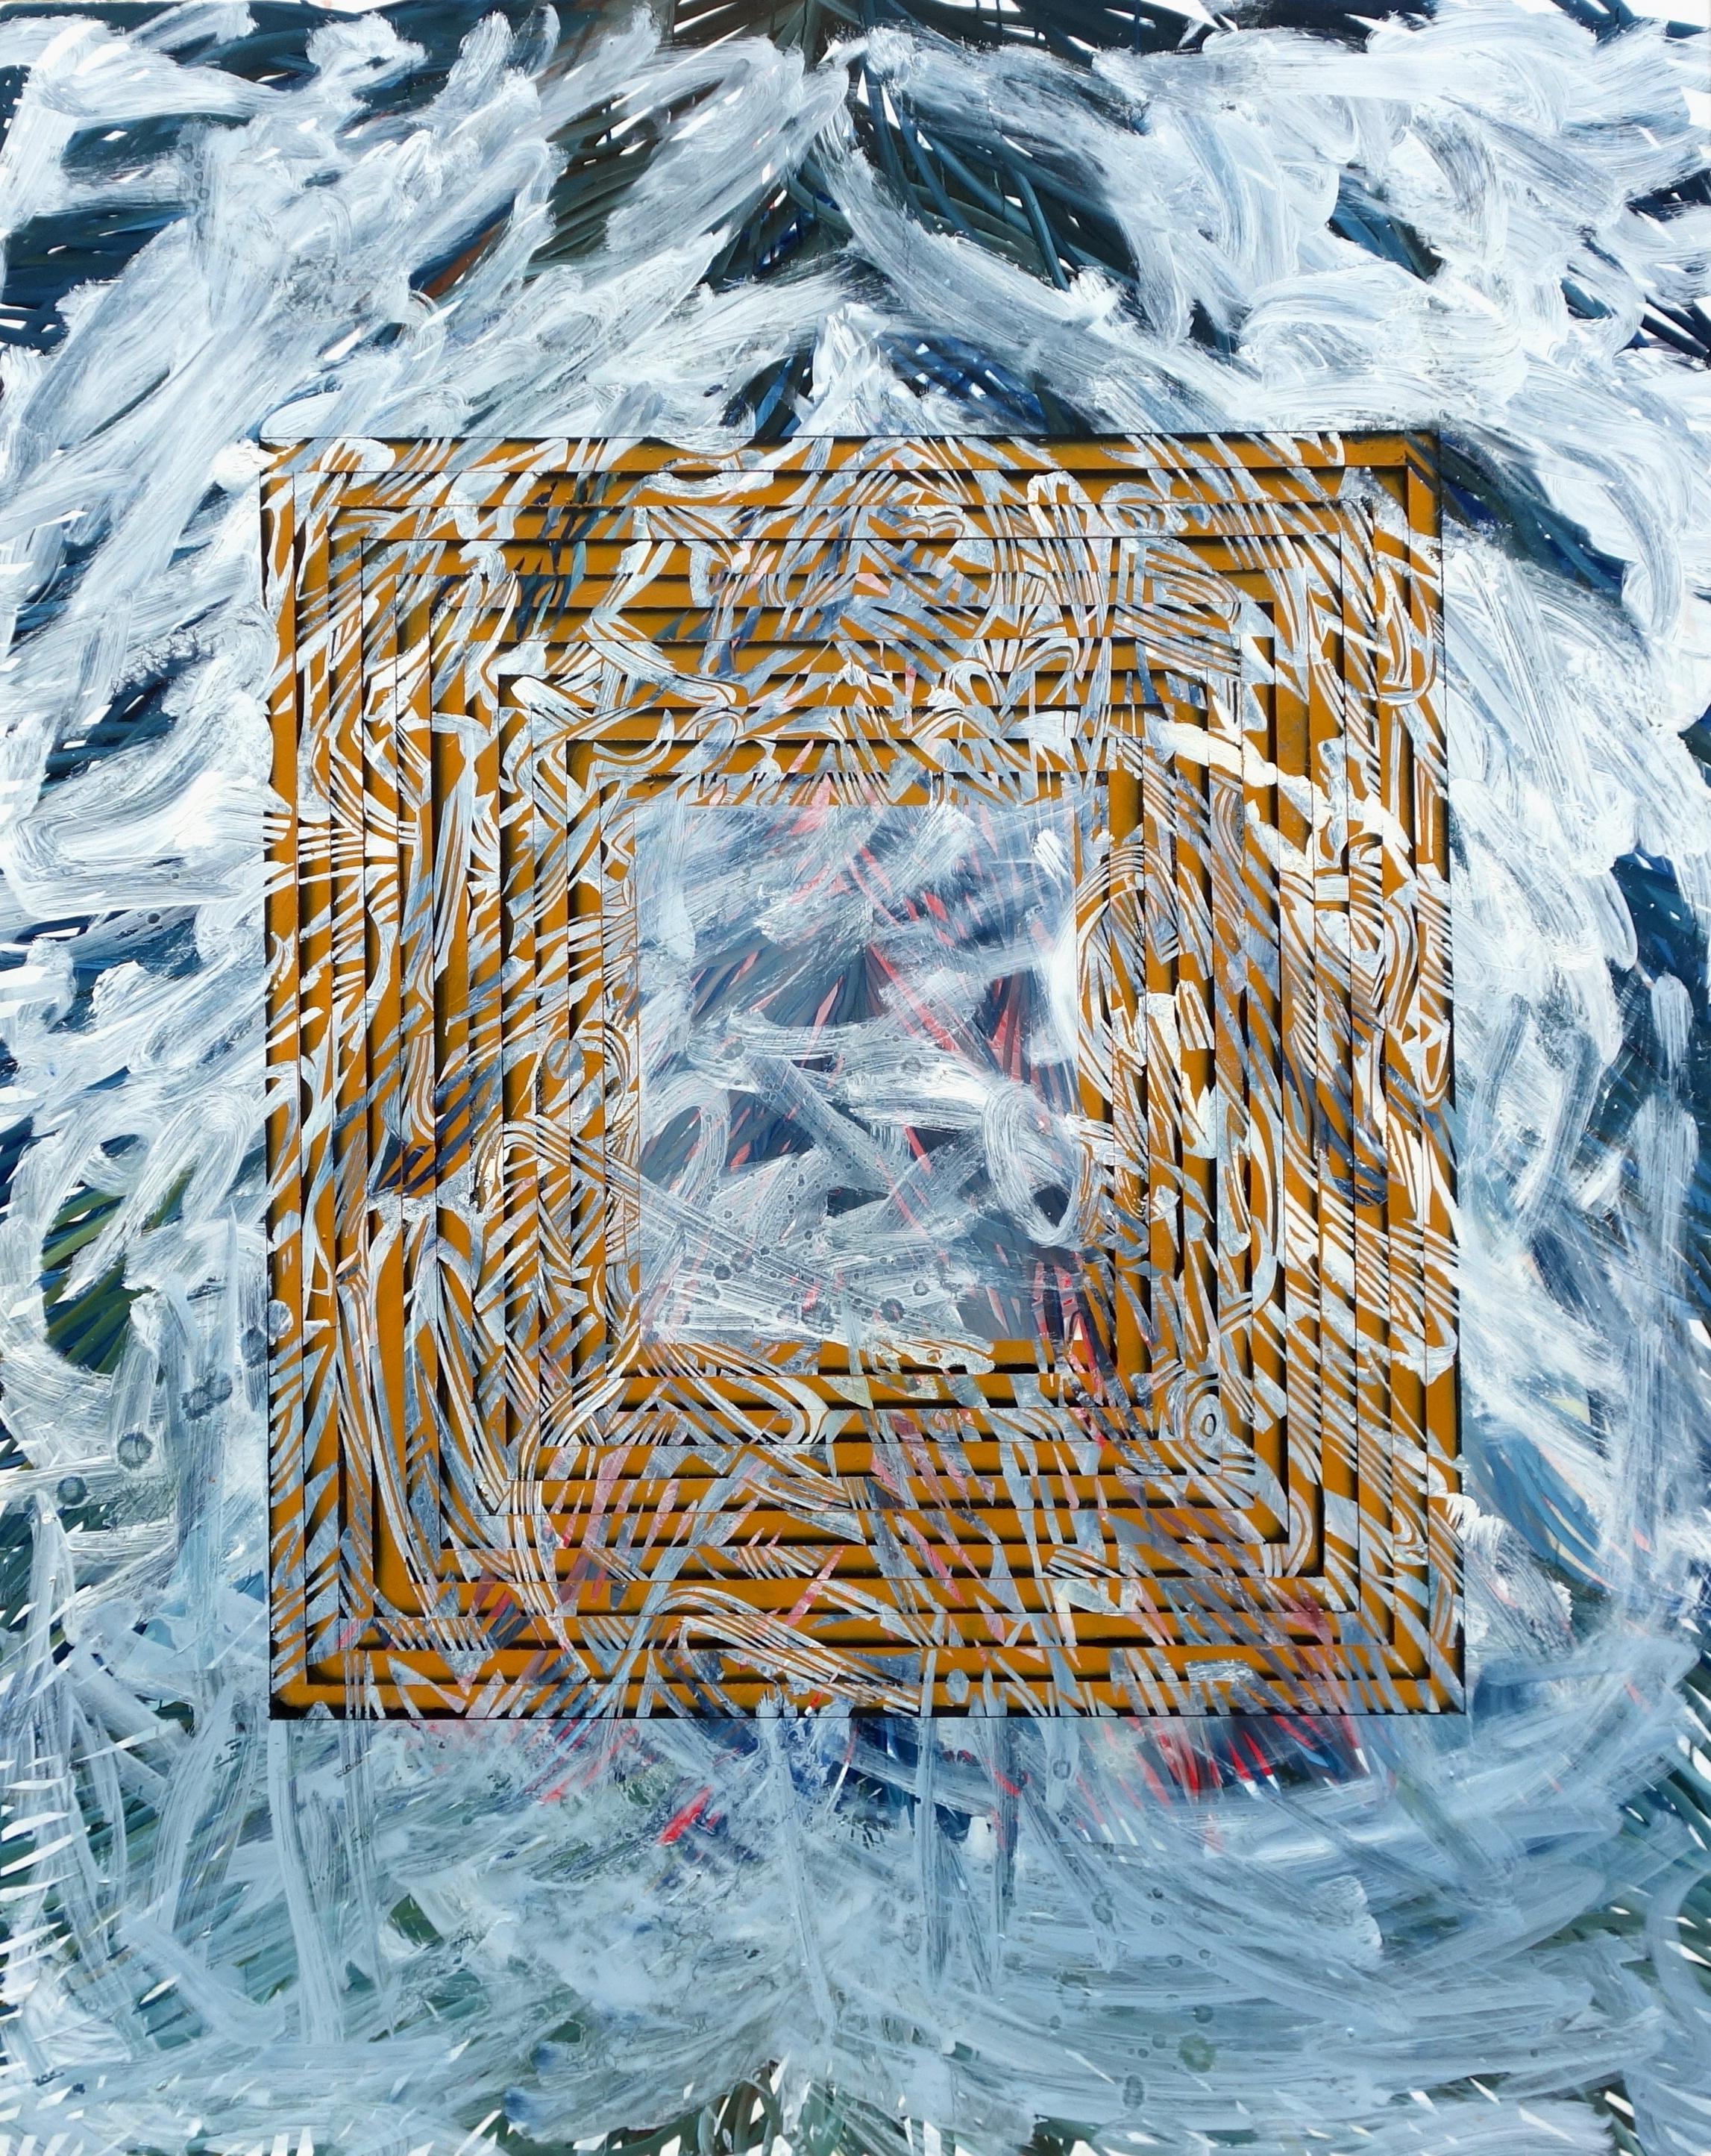 Laura Garcia-Karras, Sans Titre, 2017, Huile sur toile, 130 x 97 cm, Courtesy de l'artiste et Galeri